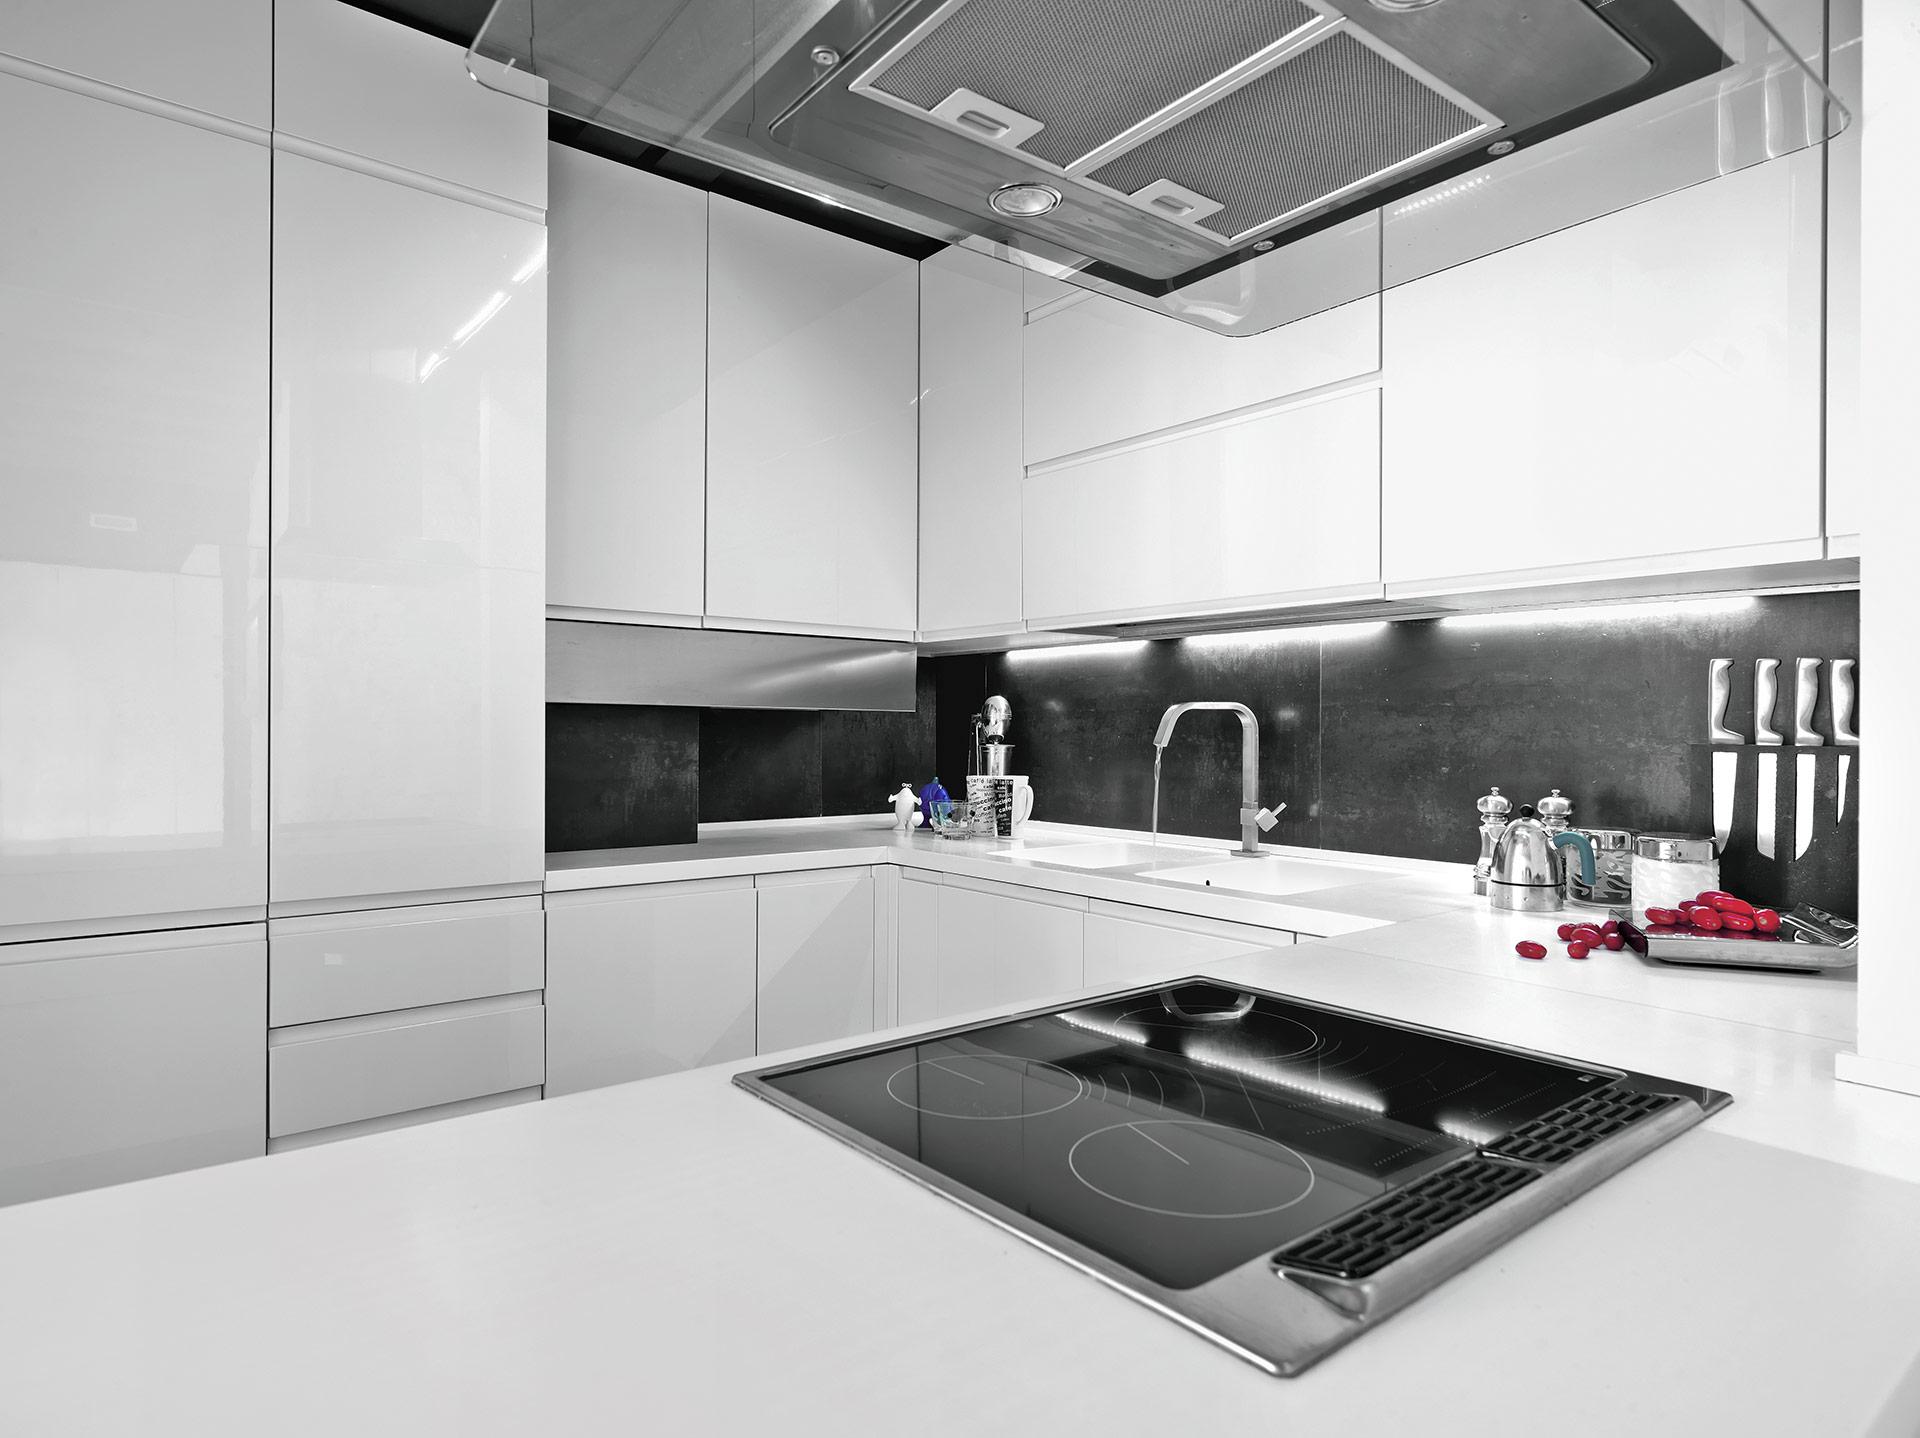 Kuchnia Biała Bez Uchwytów Kuchnie Studio R3 Zielona Góra